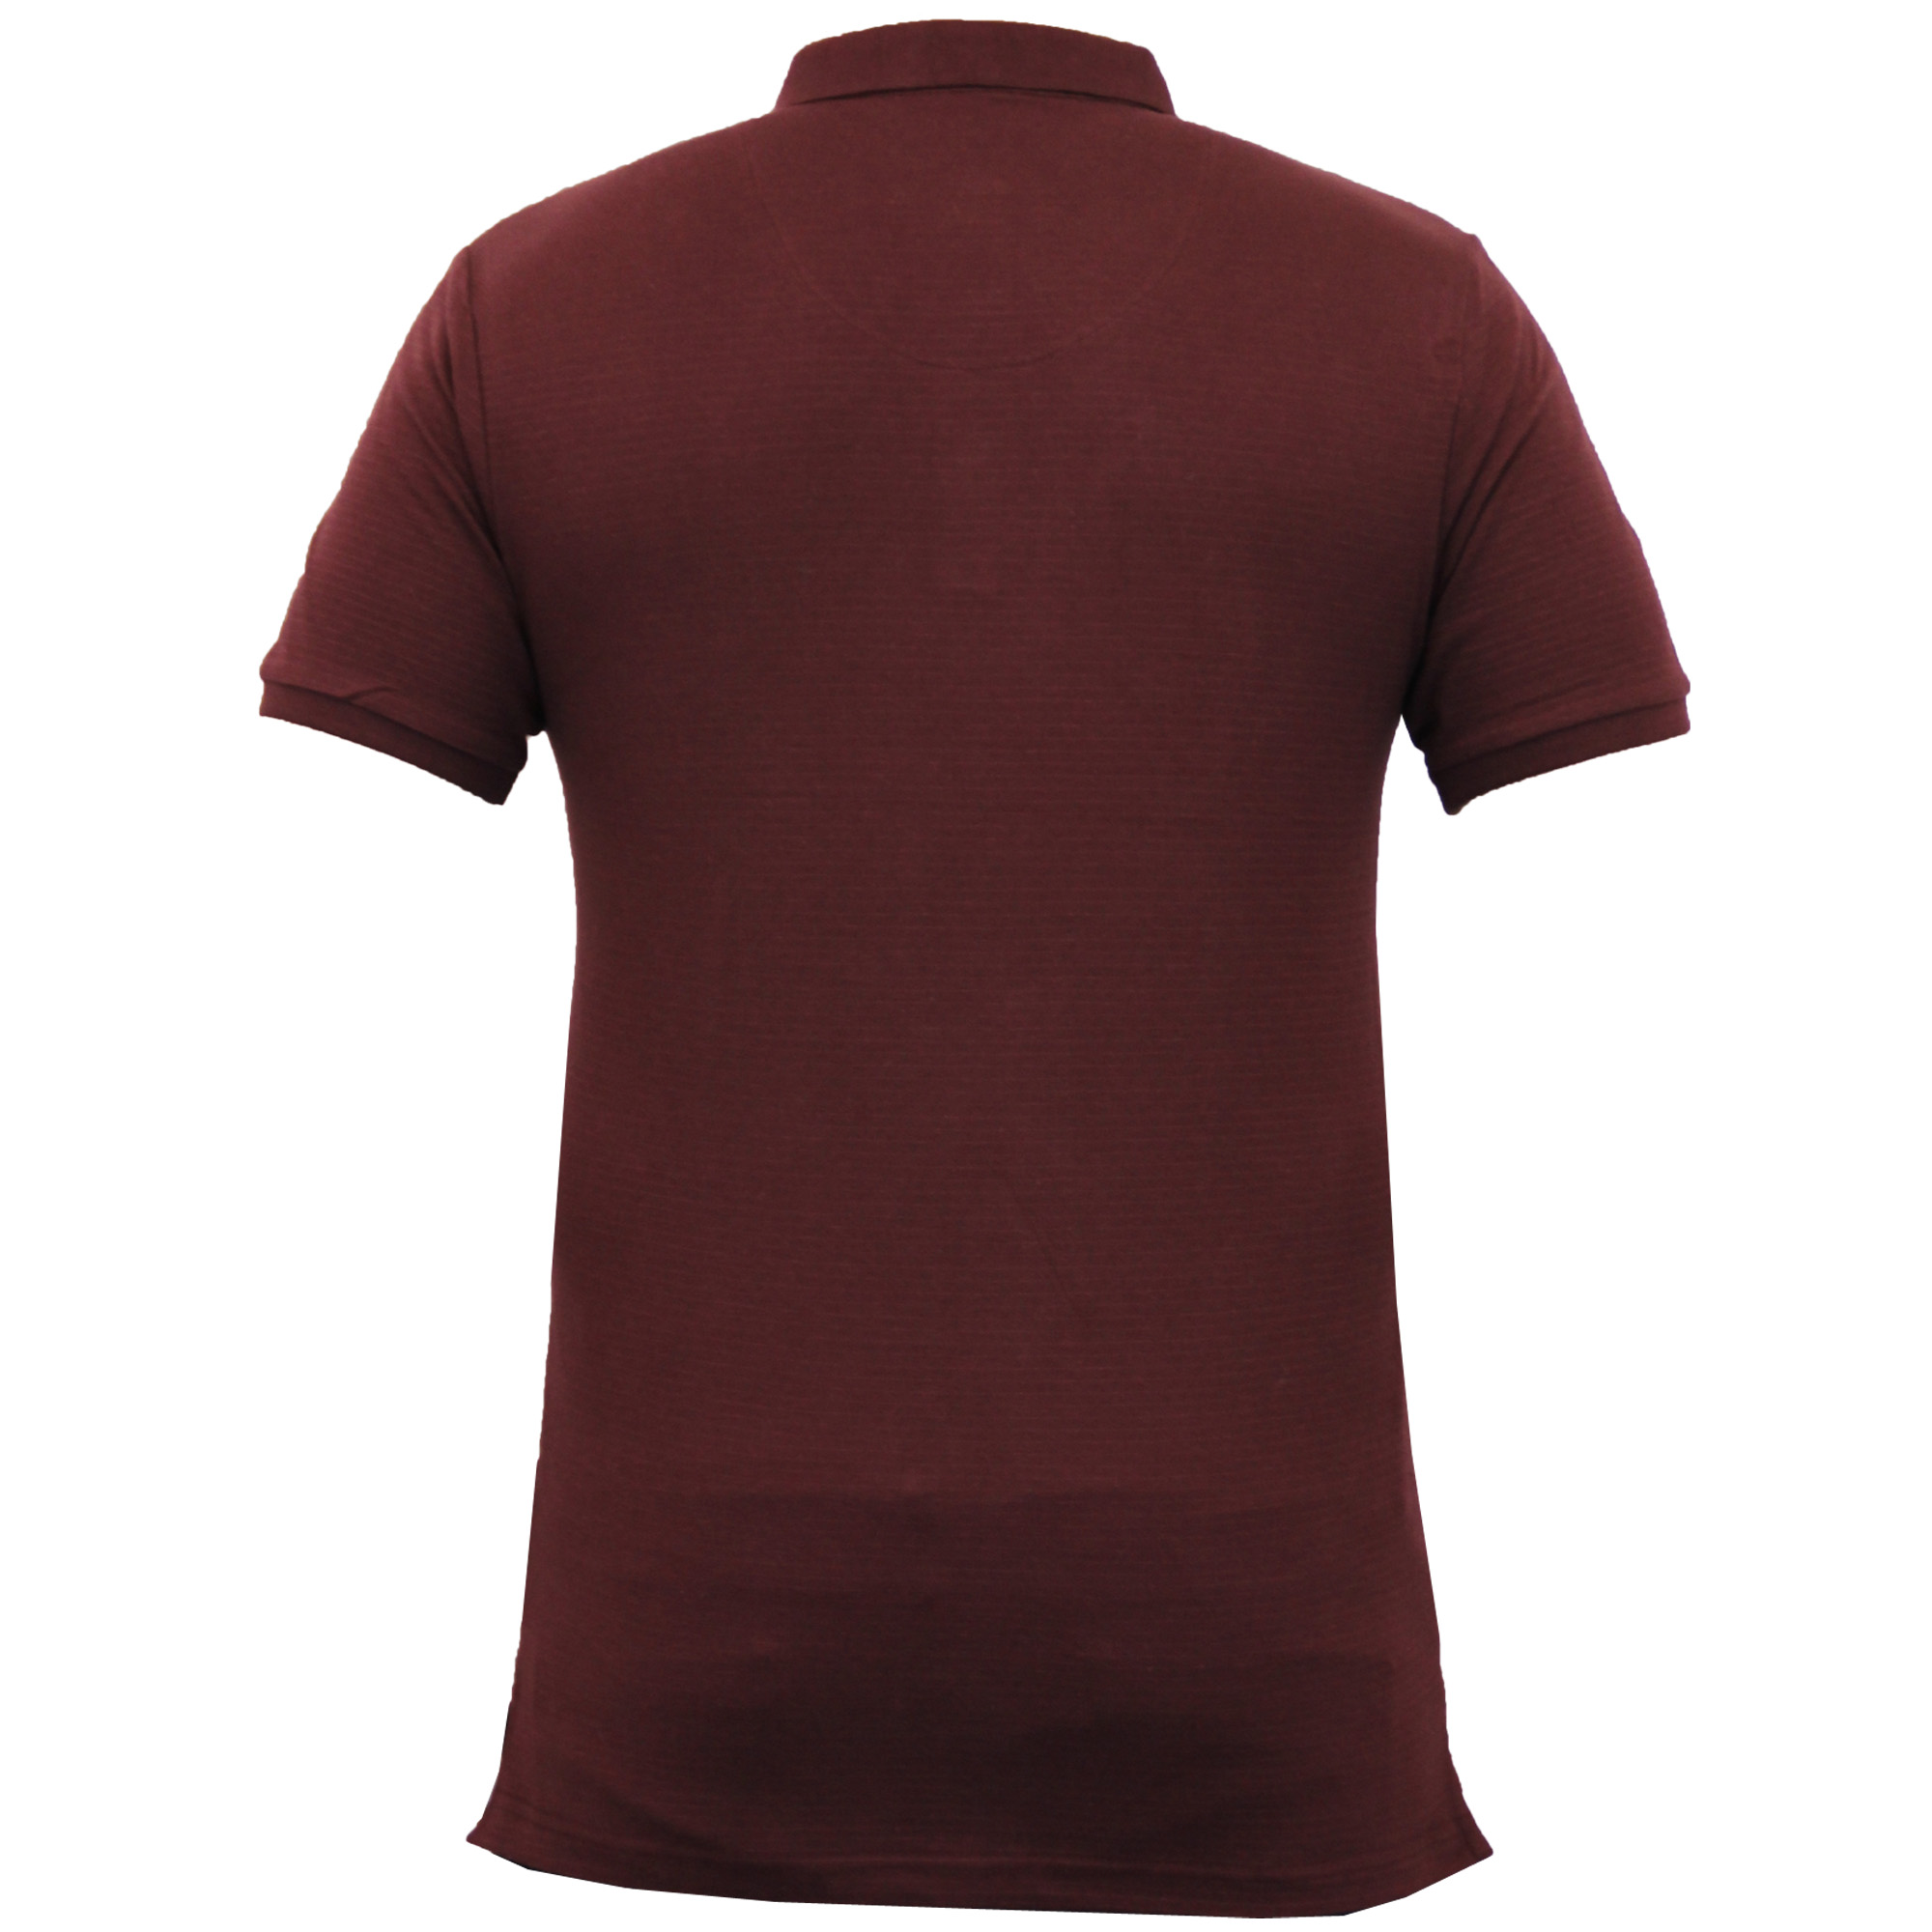 Hombre-Polo-Pique-Camiseta-Kensington-Eastside-Manga-Corta-Con-Cuello-Top-Verano